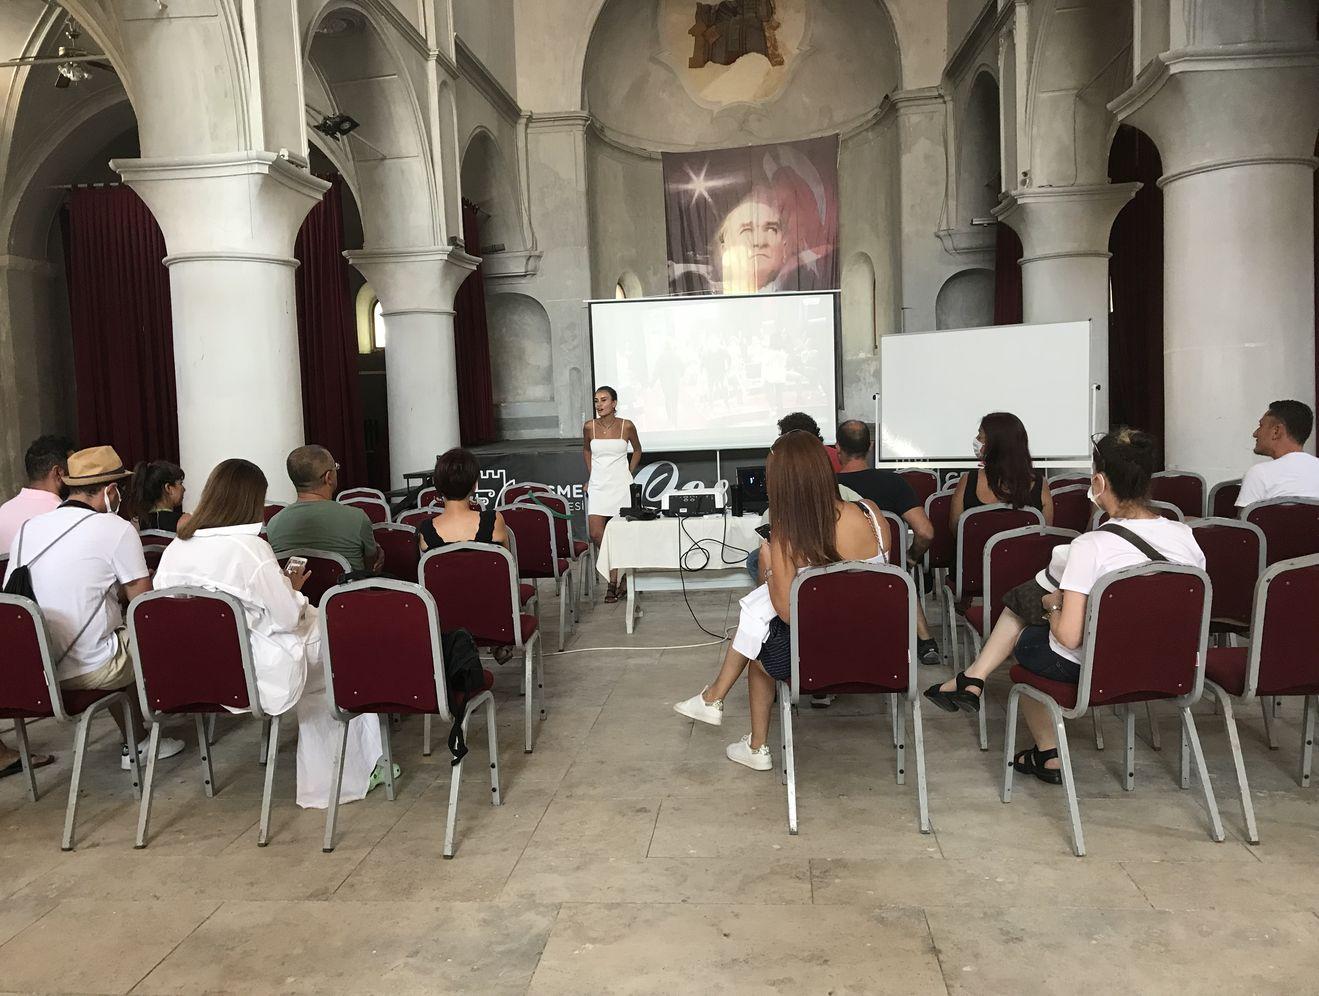 Gizem Erman Soysaldı'nın oyunculuk workshop'u büyük ilgi gördü.